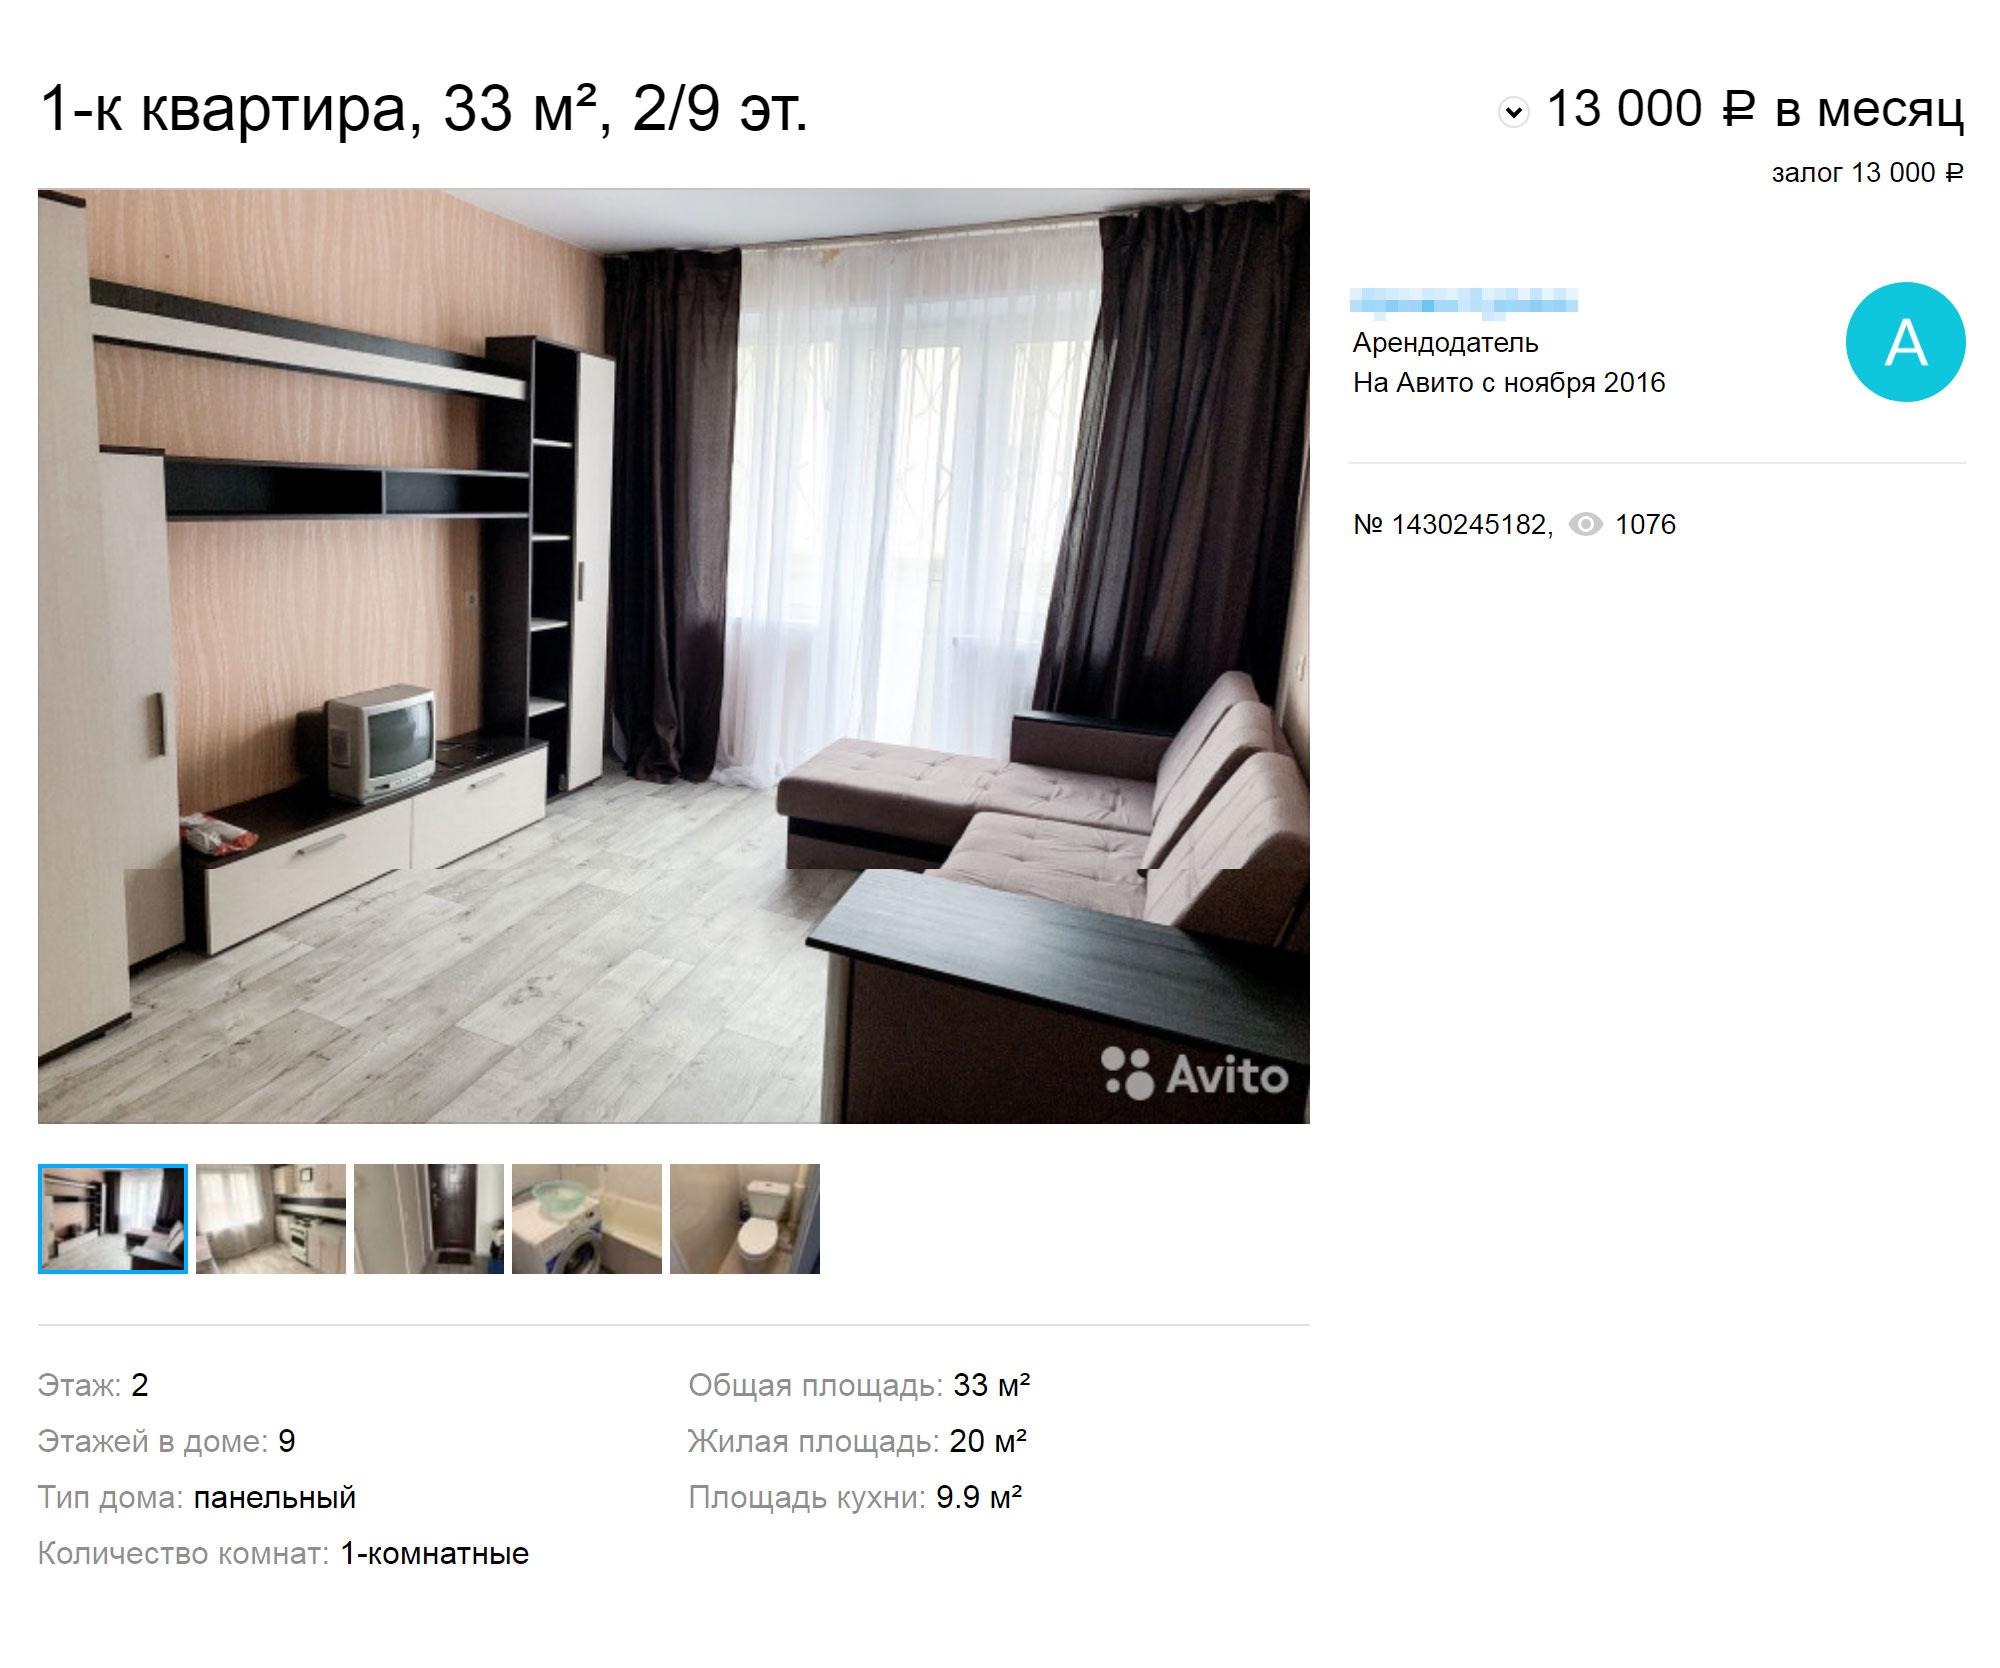 Квартира в моем доме, в аренду включены коммунальные платежи. До центра 15—20 минут на маршрутке без пробок. Фото: «Авито»